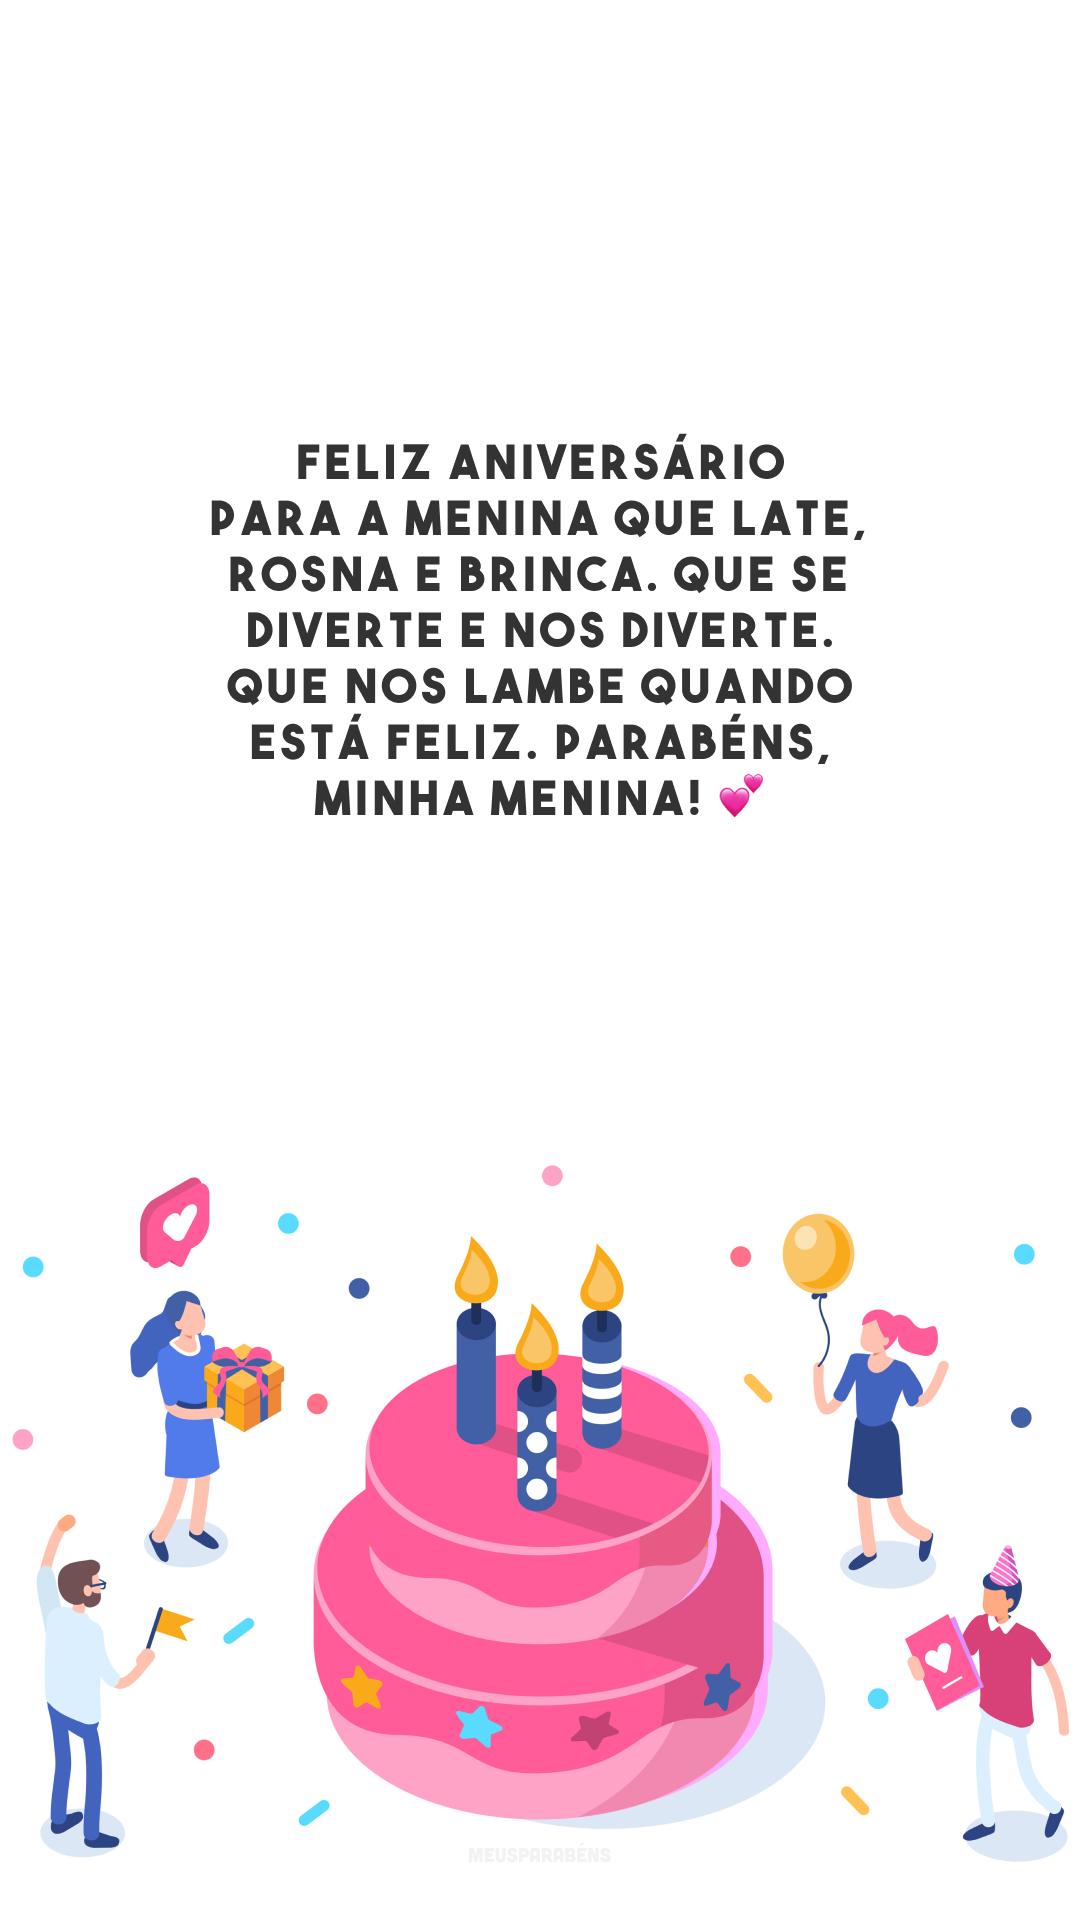 Feliz aniversário para a menina que late, rosna e brinca. Que se diverte e nos diverte. Que nos lambe quando está feliz. Parabéns, minha menina! 💕